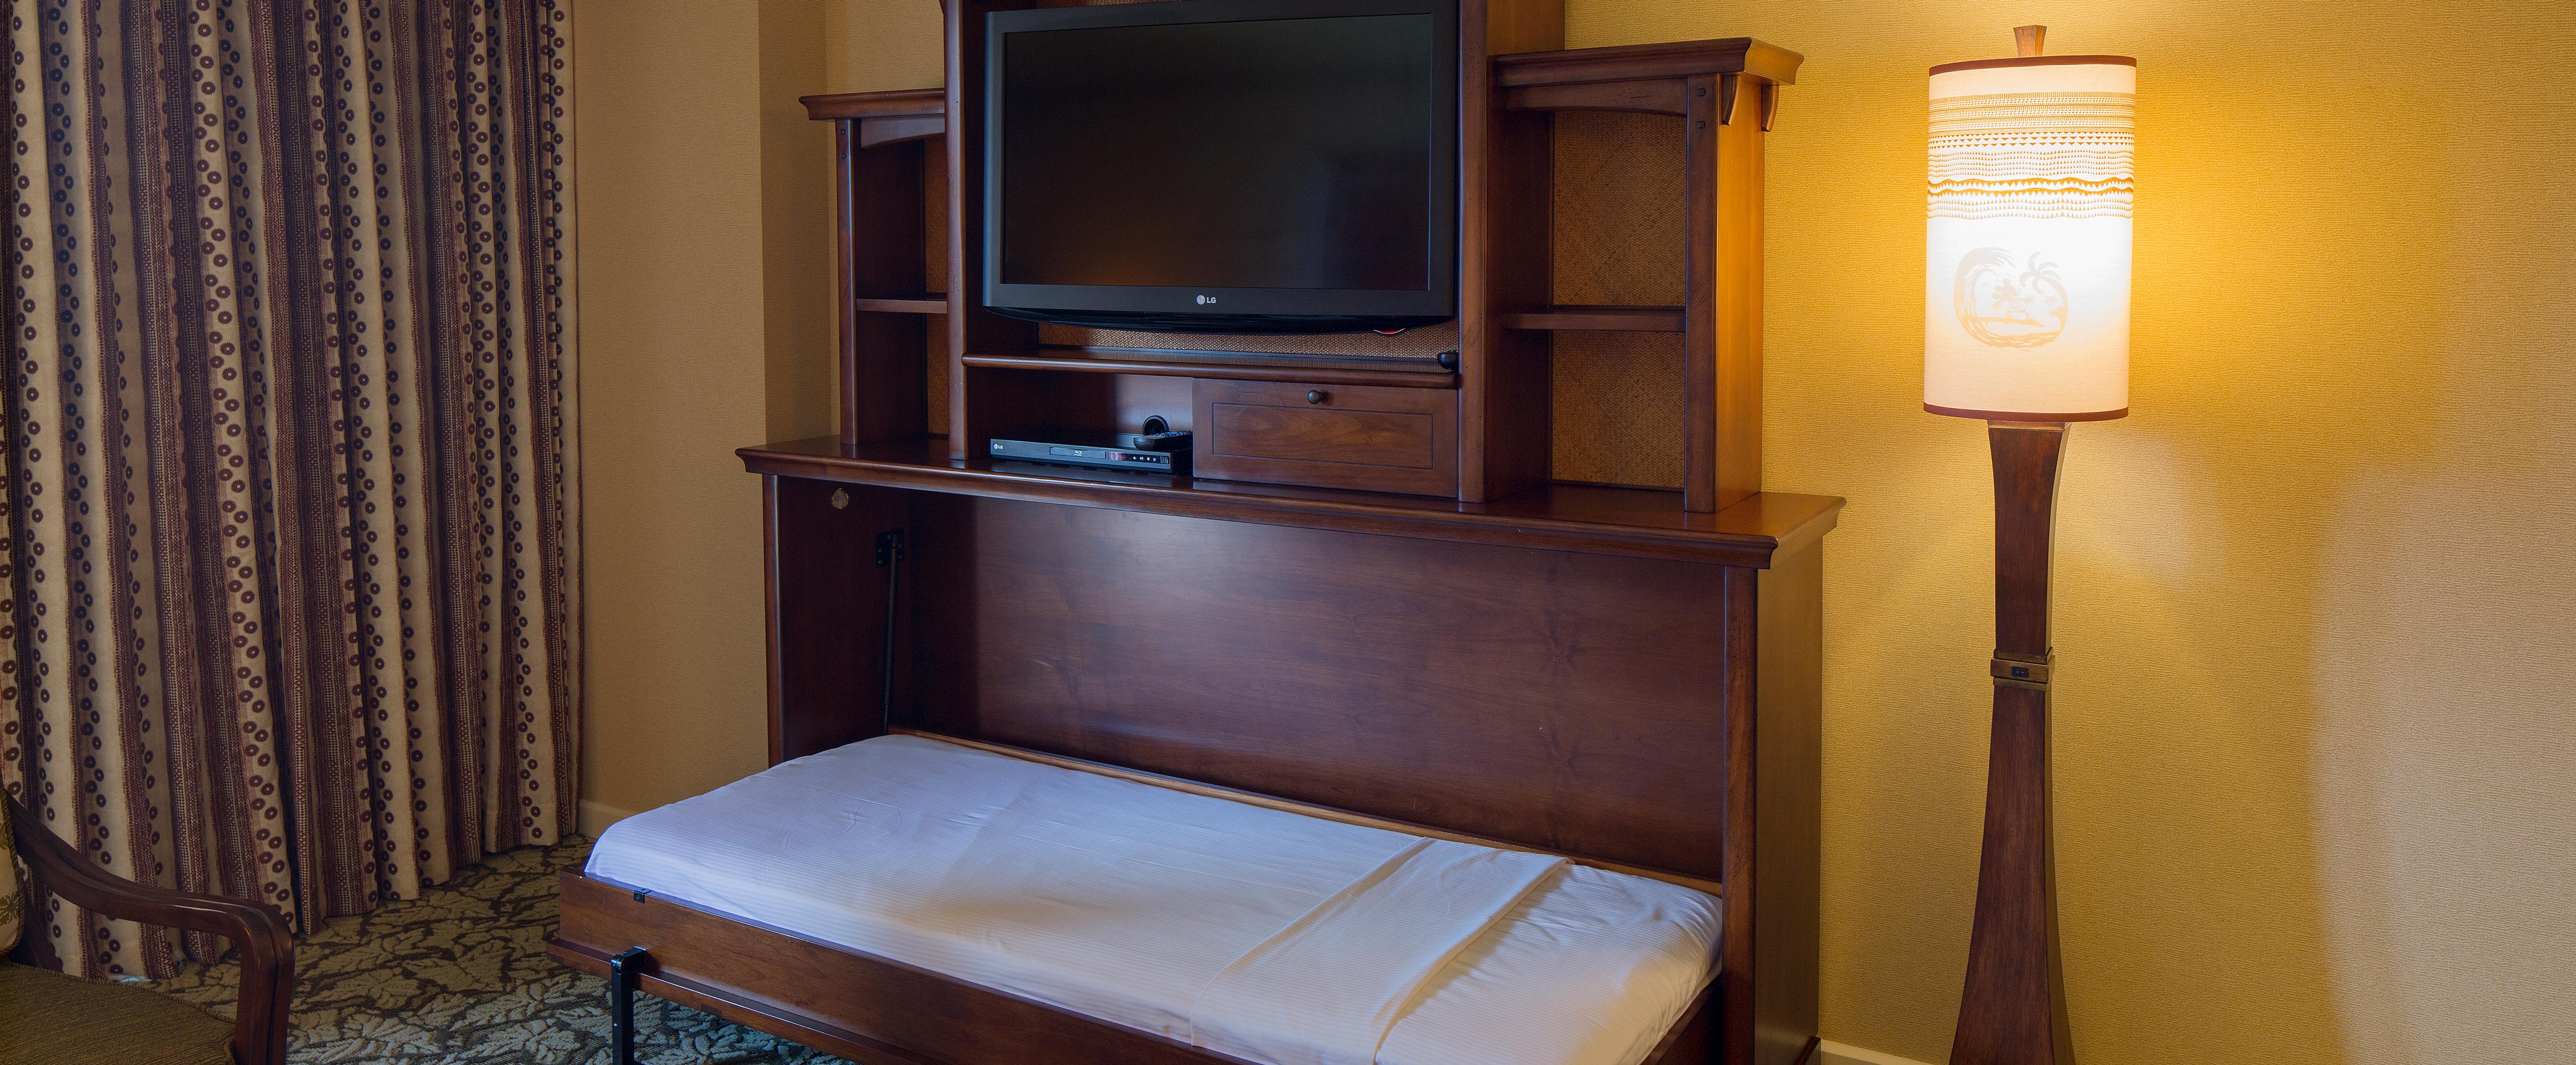 1 パーラーのスイート内のエンターテインメント設備にある収納式ベッド